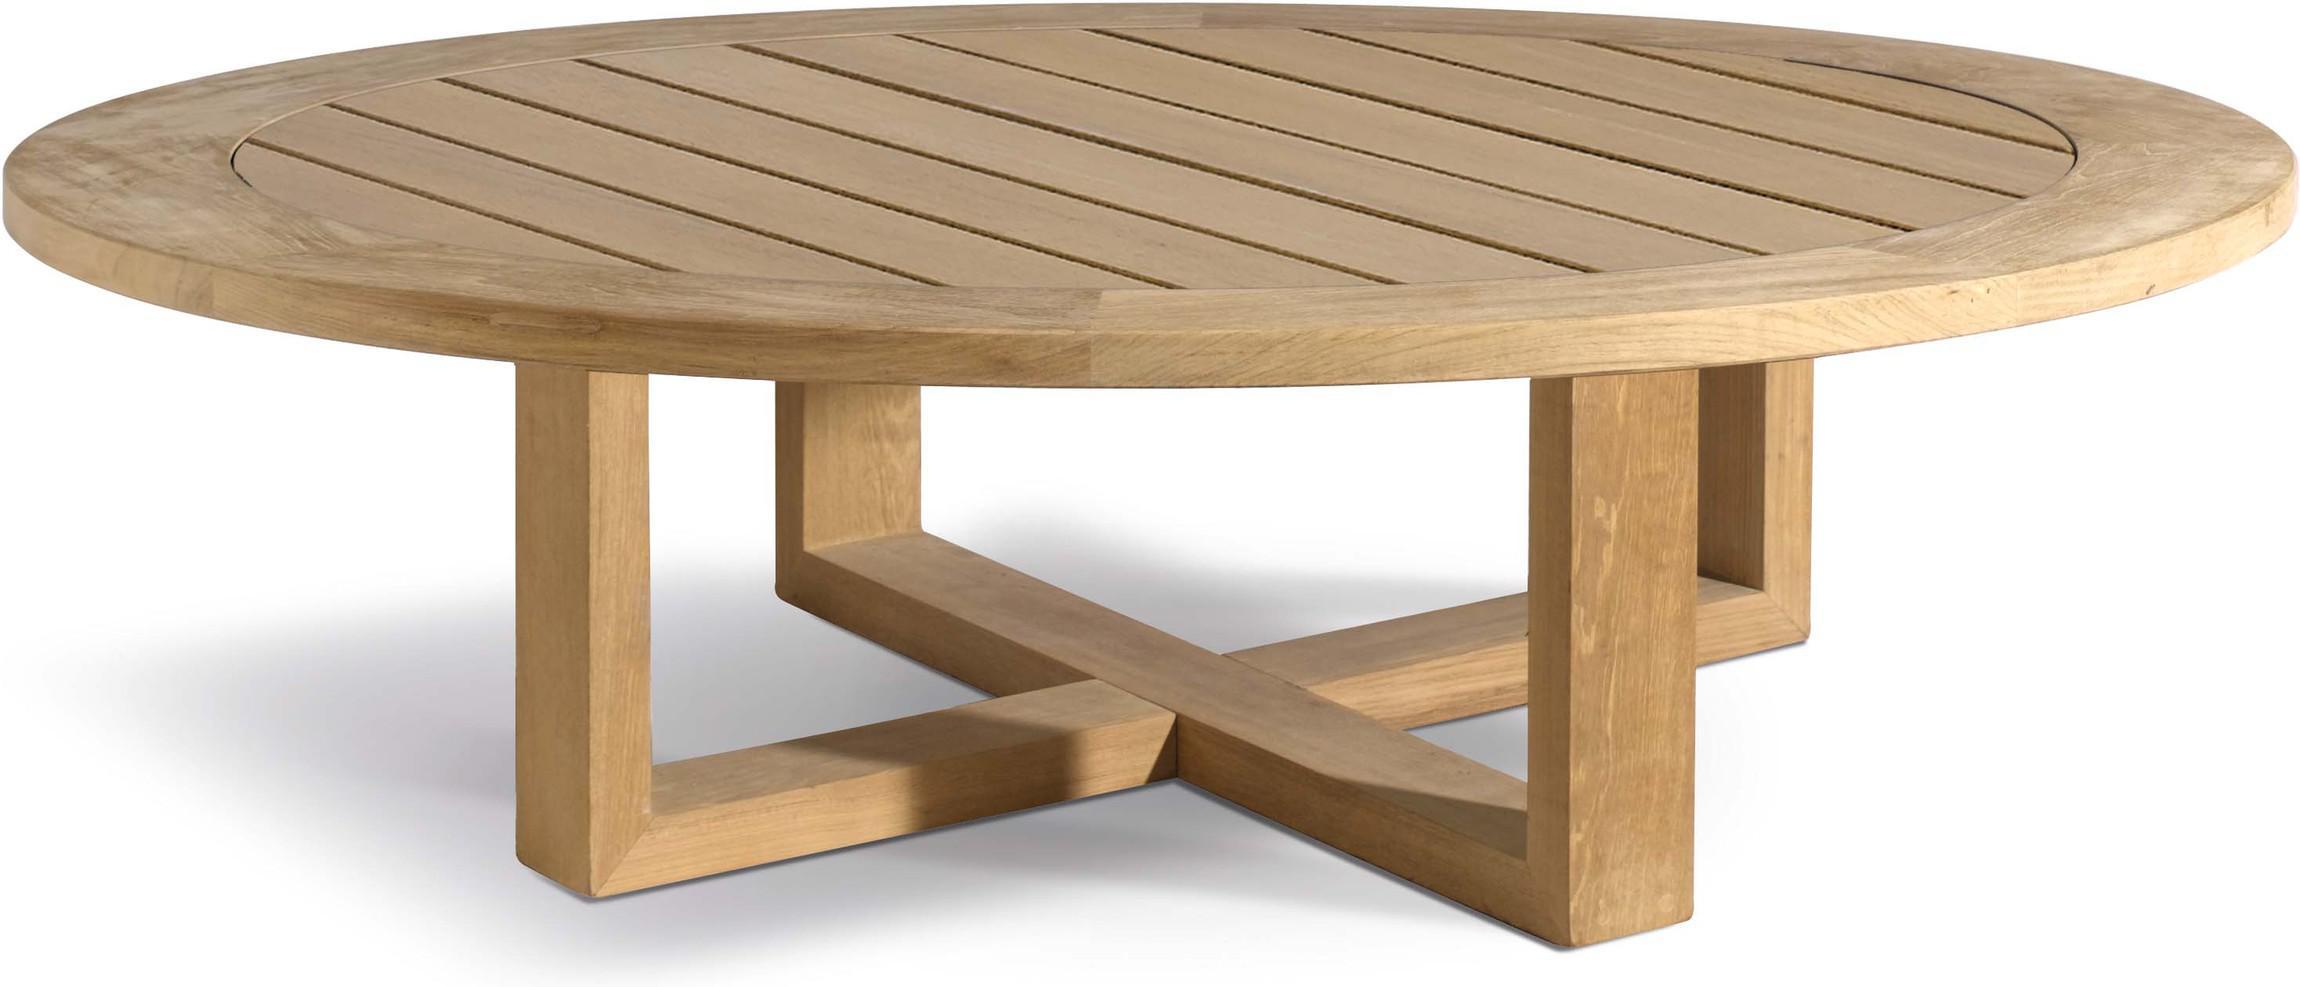 table basse d exterieur siena teck